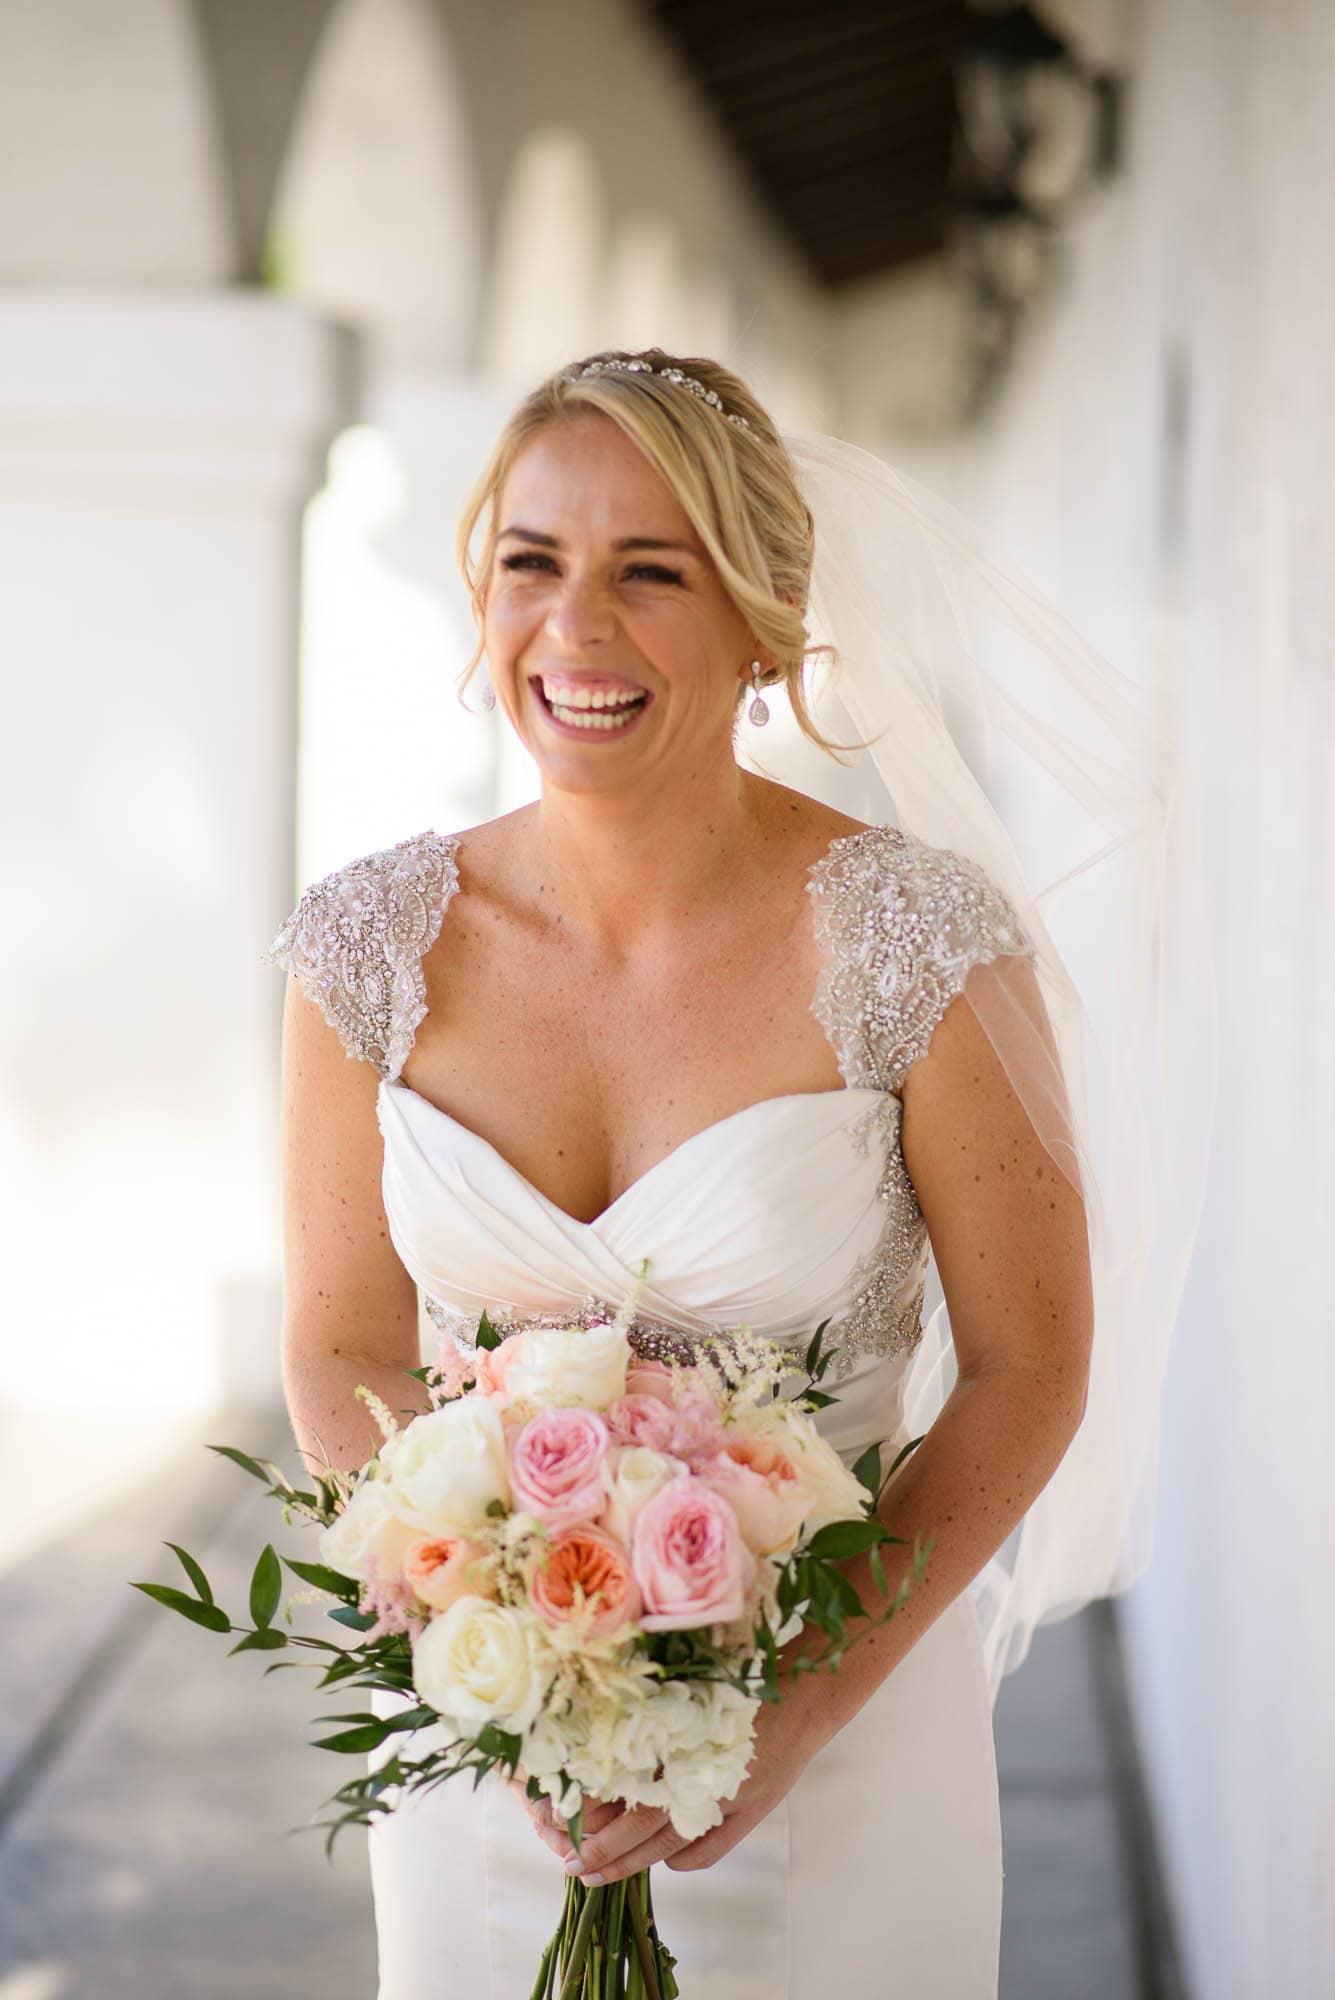 029_Alan_and_Heidi_Wedding_Amanda_Chad